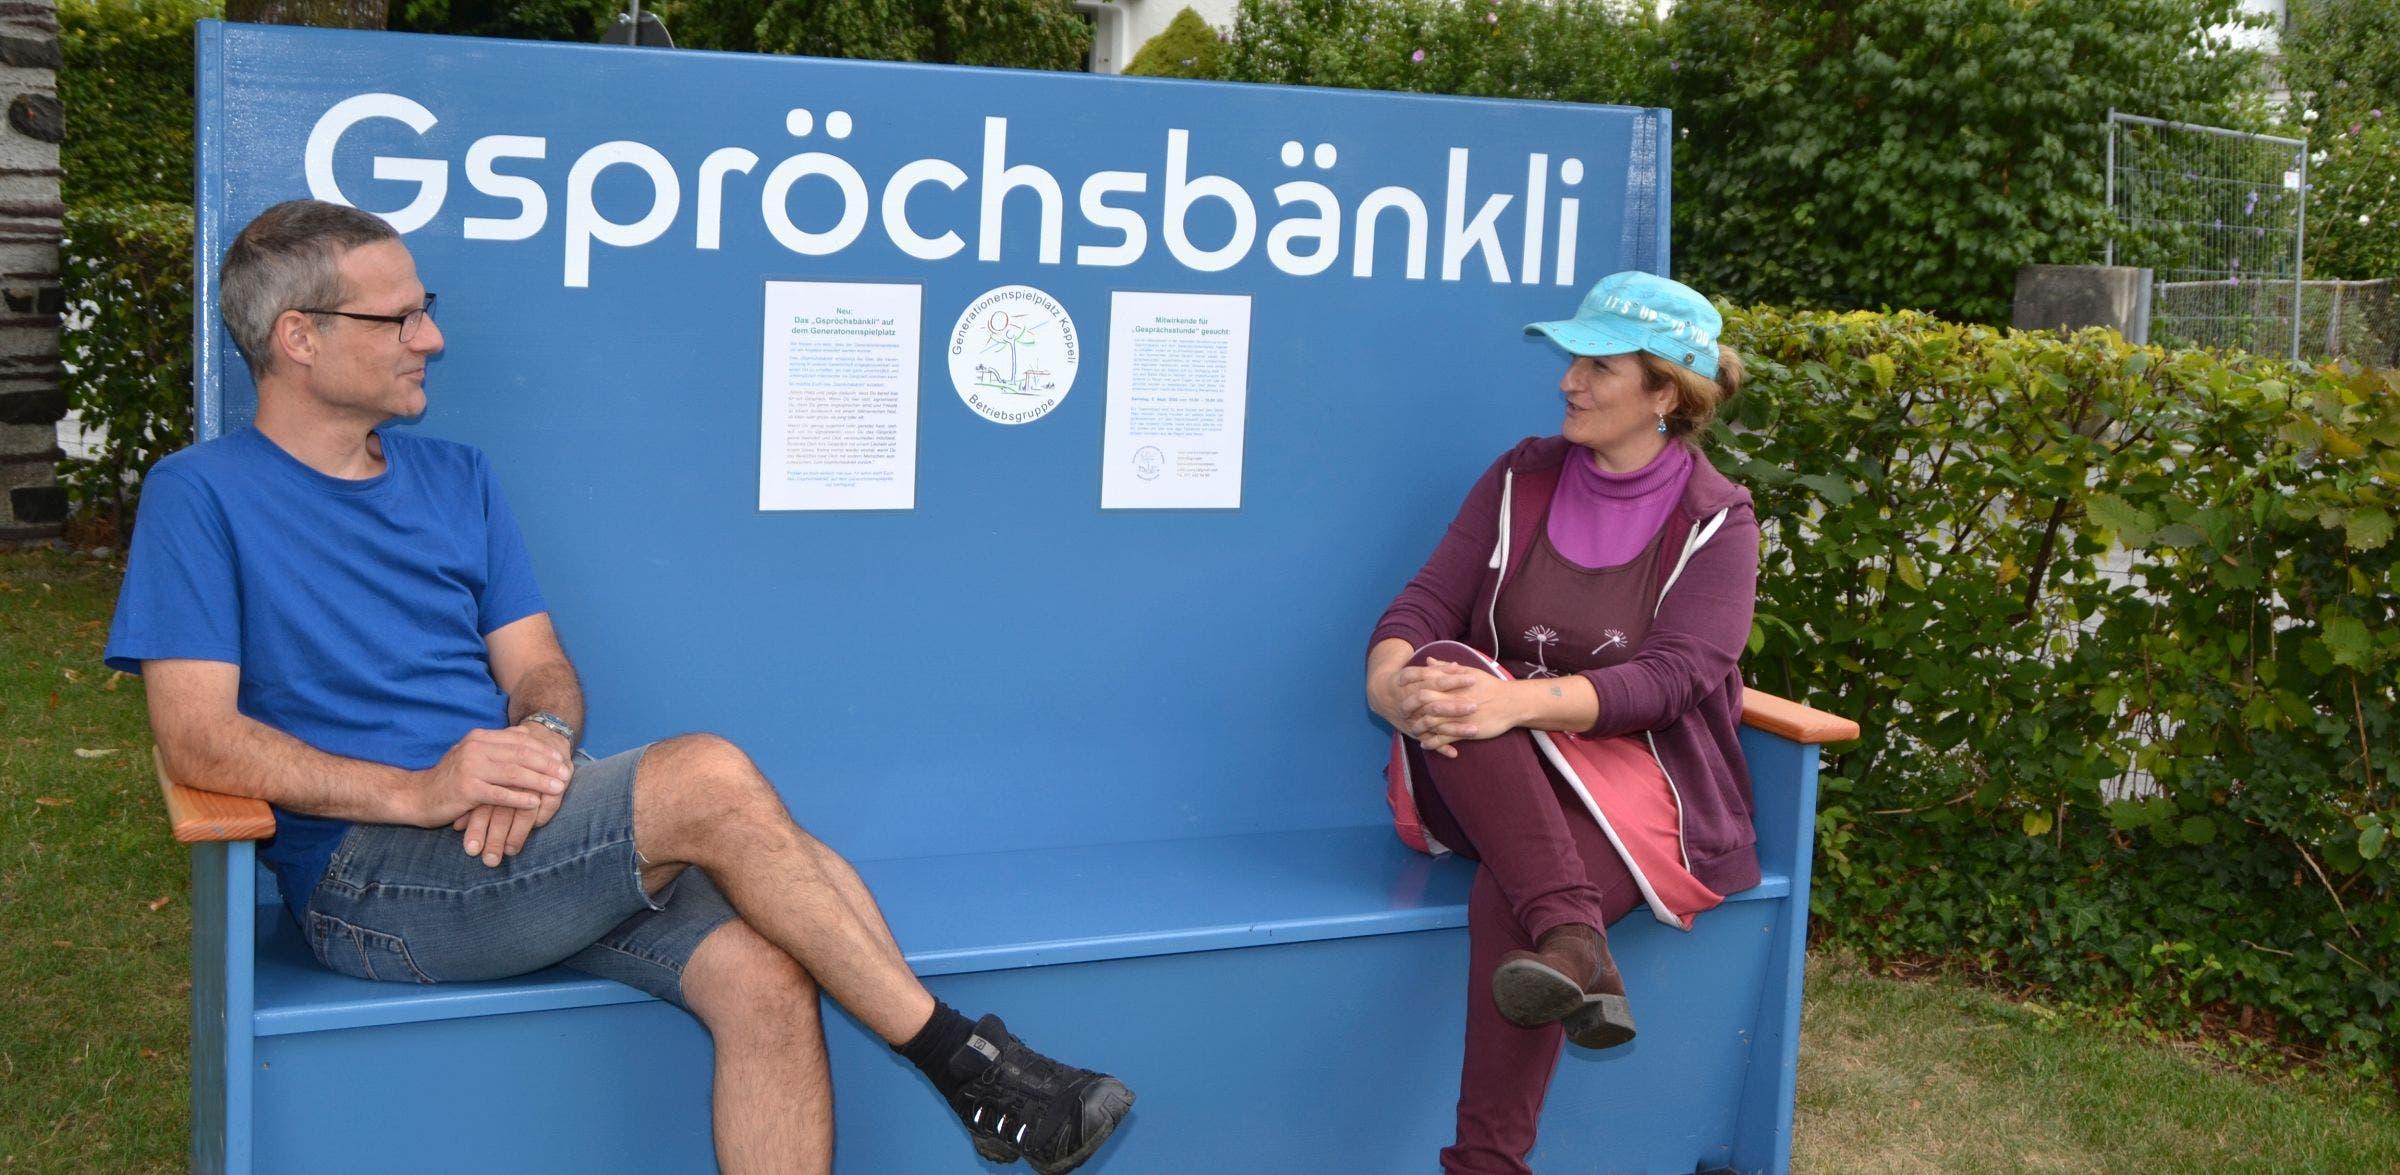 Michael Wehrli und Judith Jörg nutzen als erste das «Gspröchsbänkli».